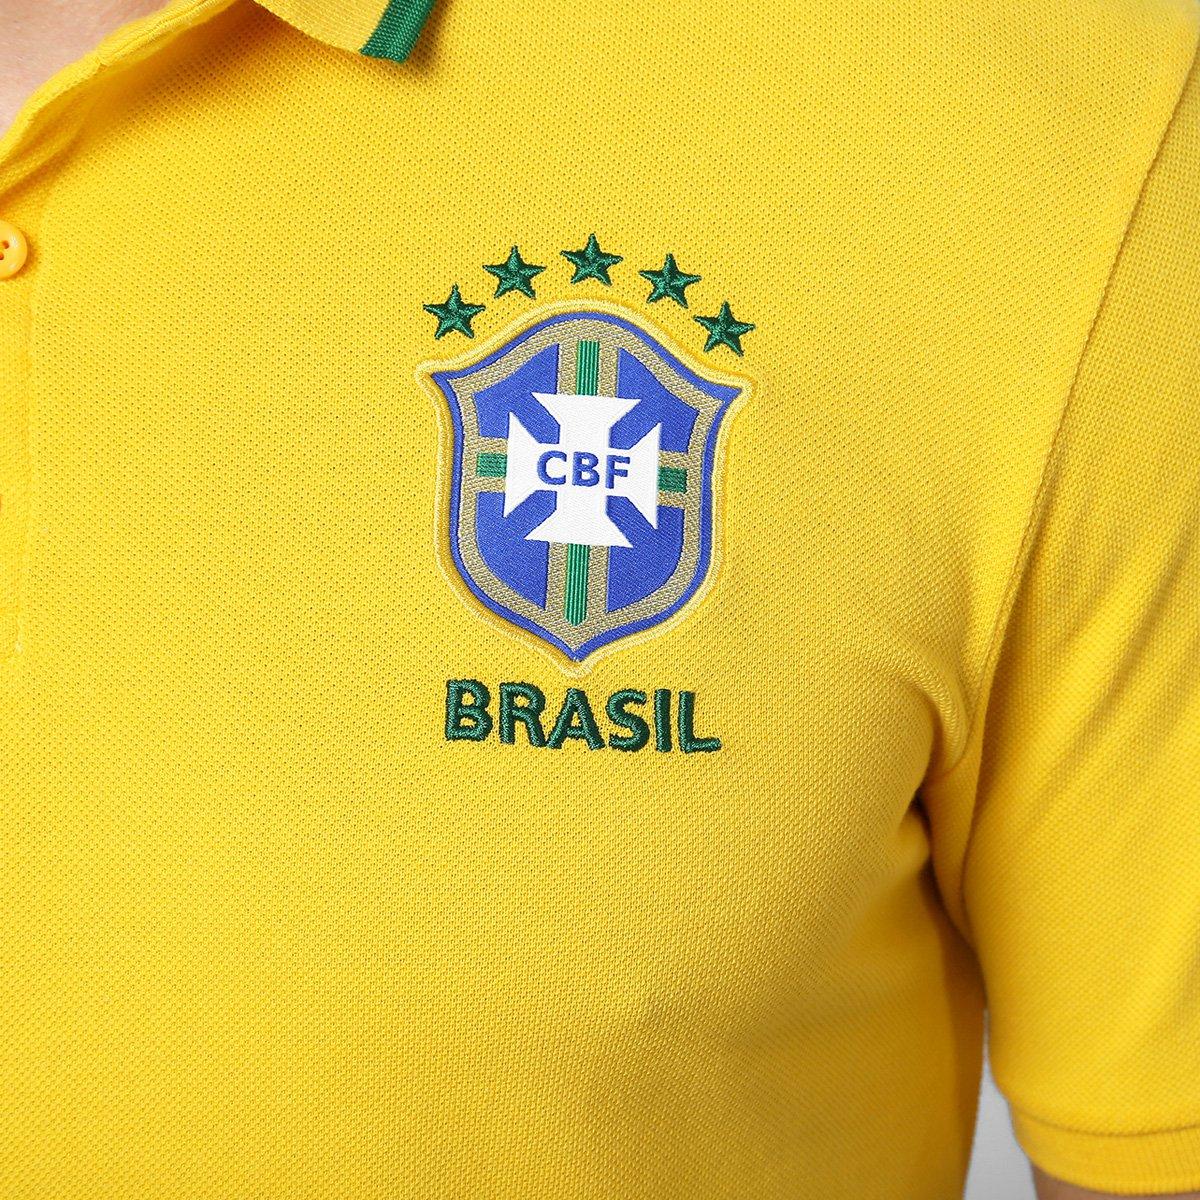 Camisa Polo Nike Seleção Brasil League Authentic 2 - Compre Agora ... c34ee42d2c5cb